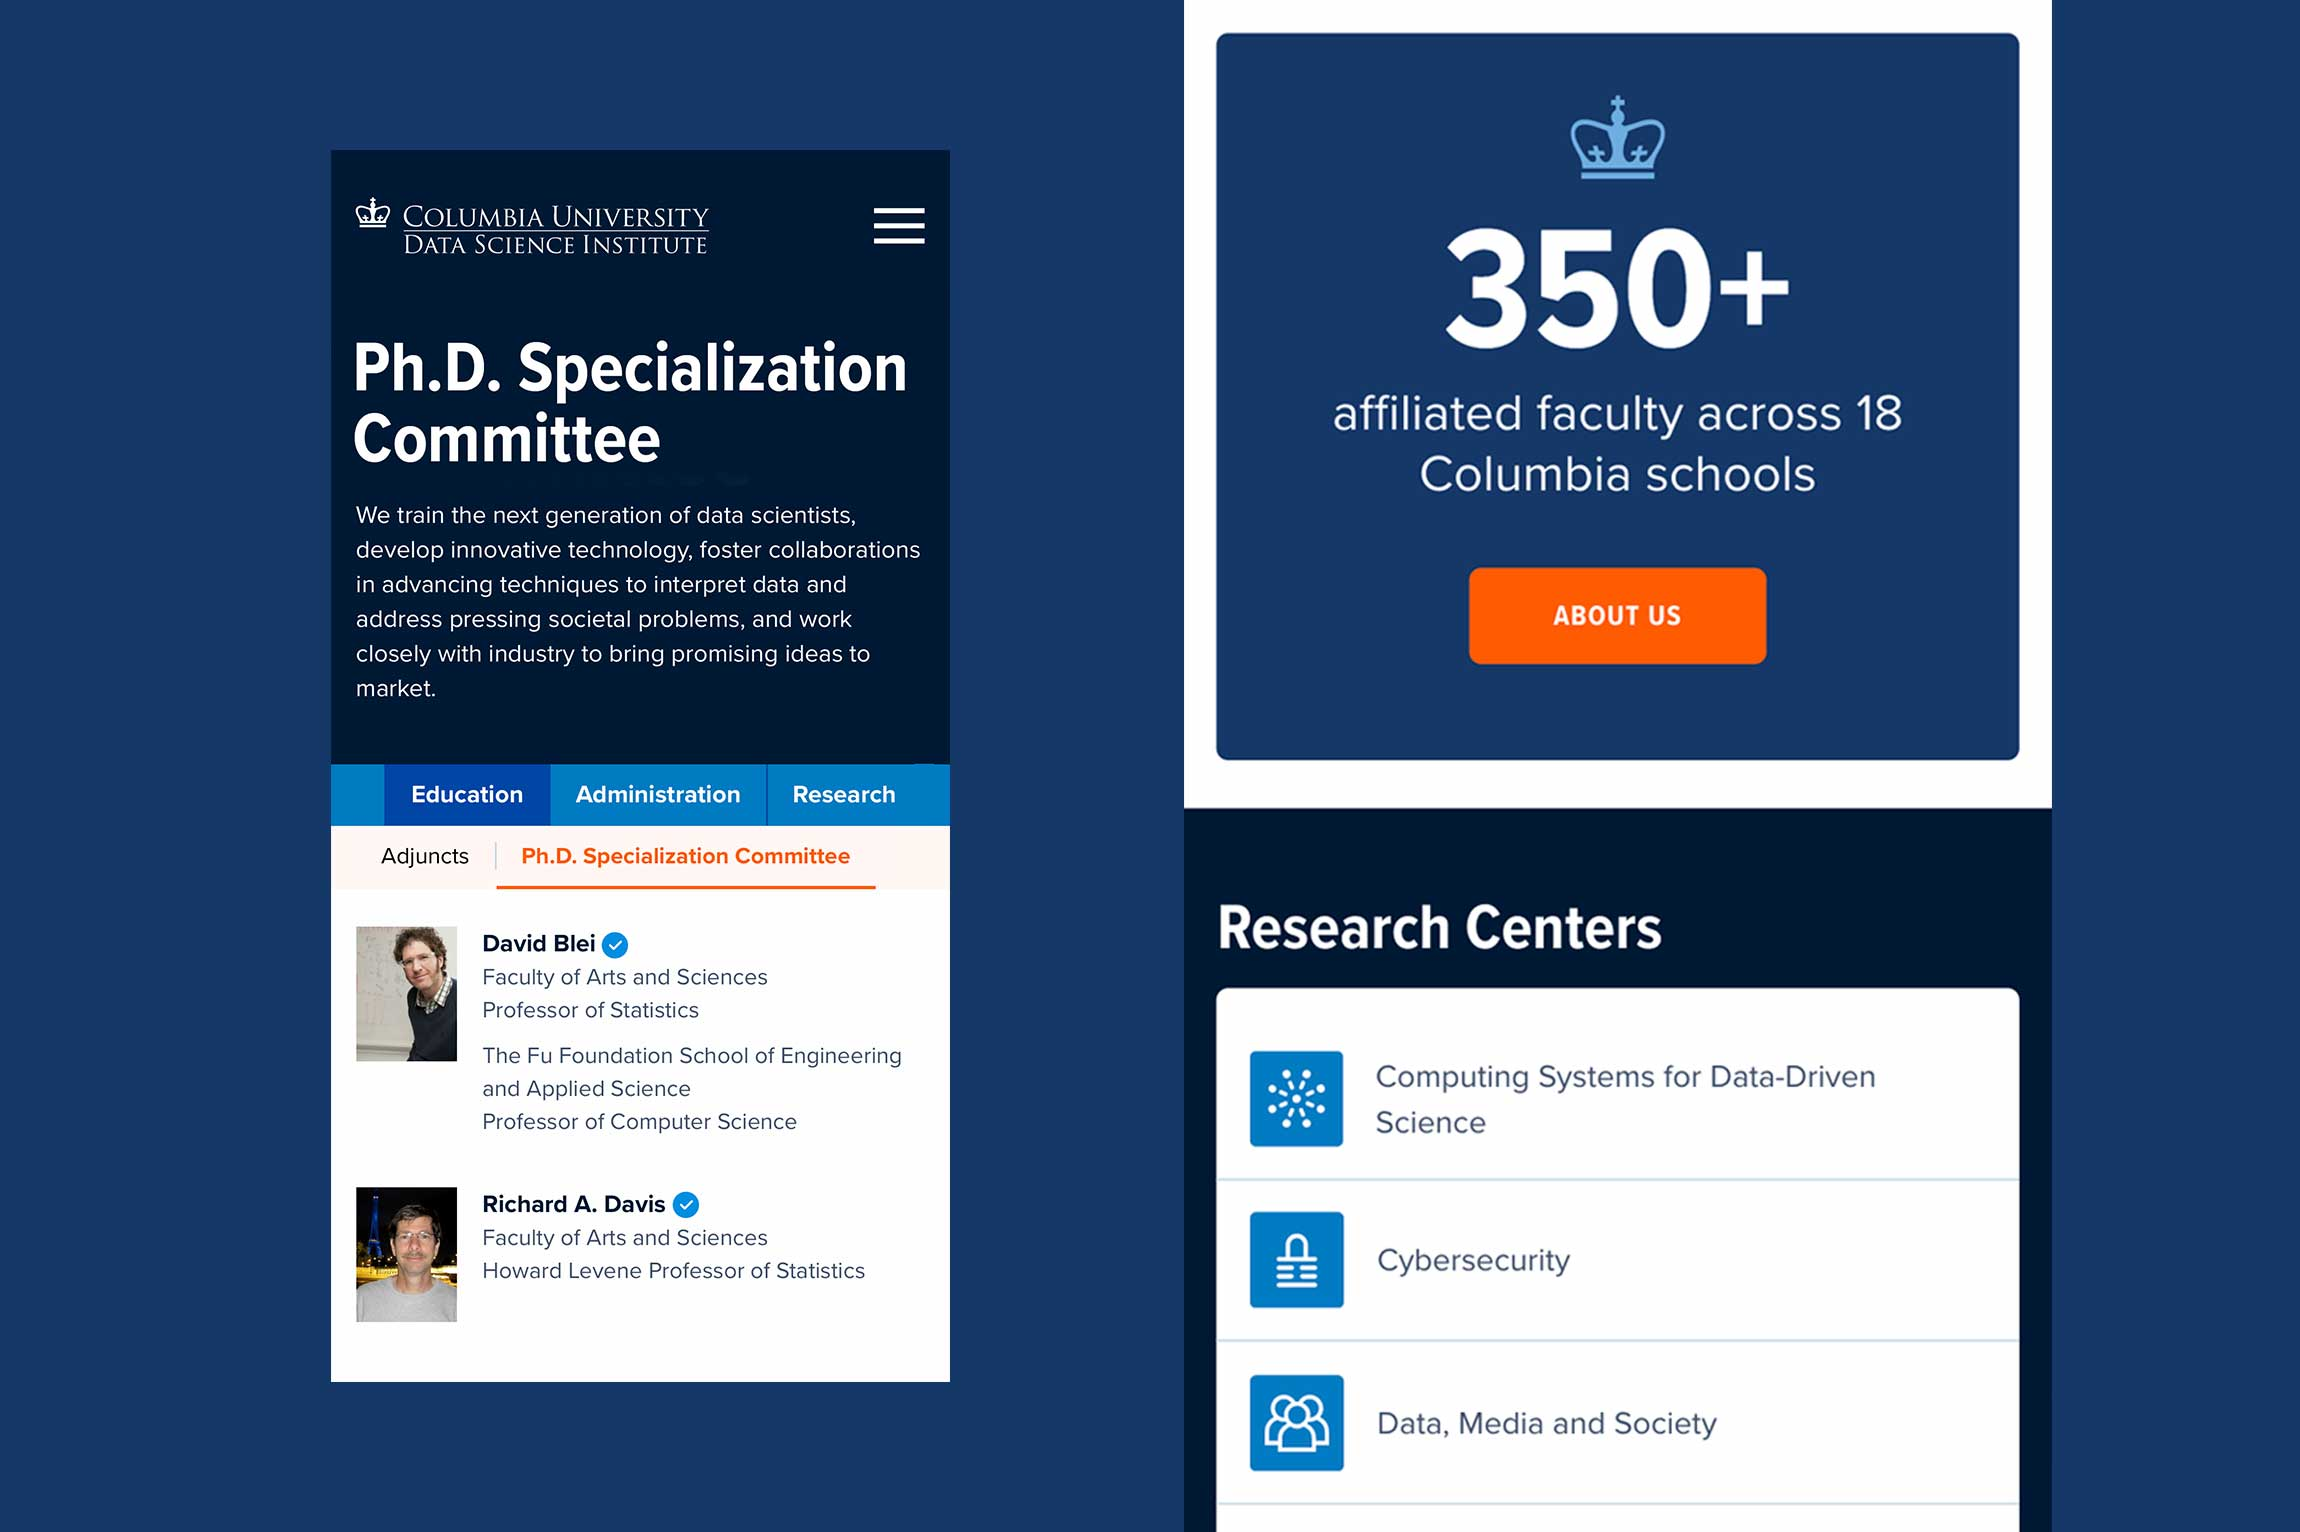 Columbia-Data-Science-Institute-website-design-3